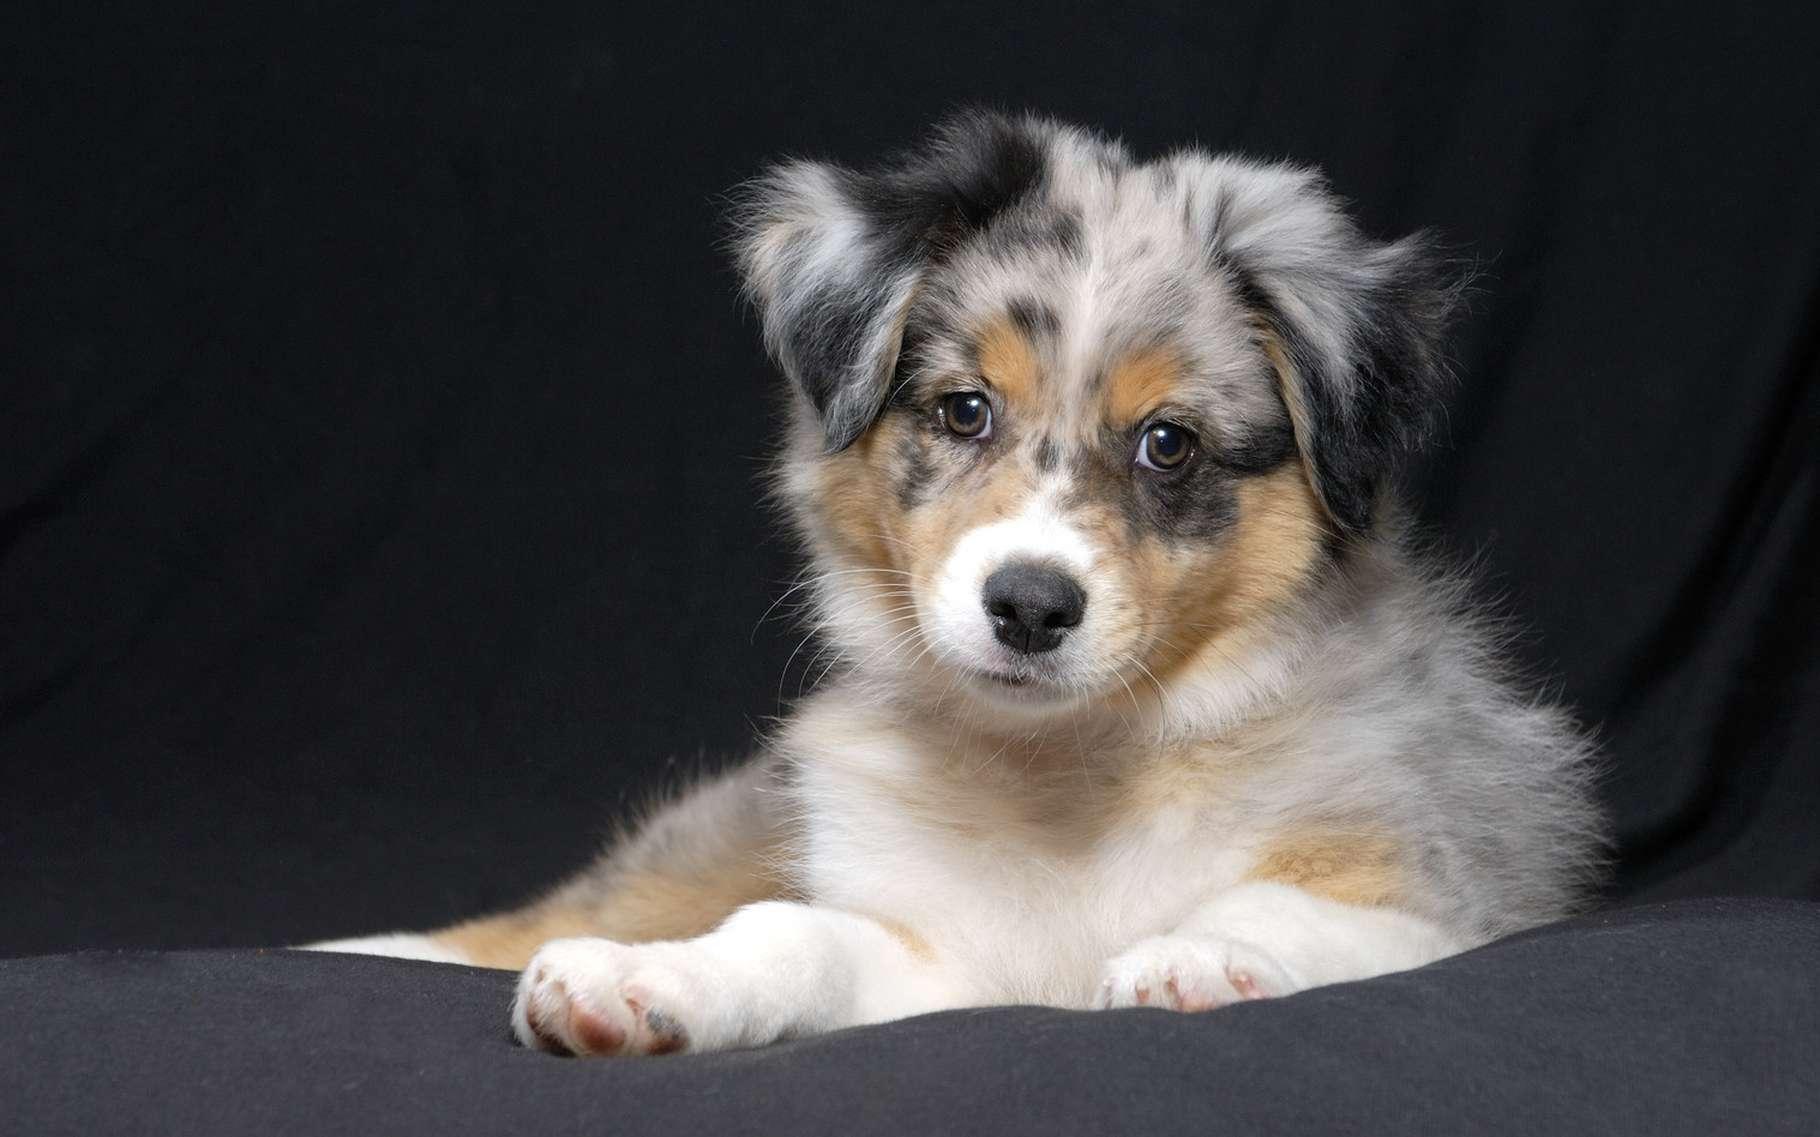 L'hydatidose est une maladie parasitaire due à la larve d'un ténia du chien. Ici, un jeune berger australien. © Kent Weakley, Shutterstock